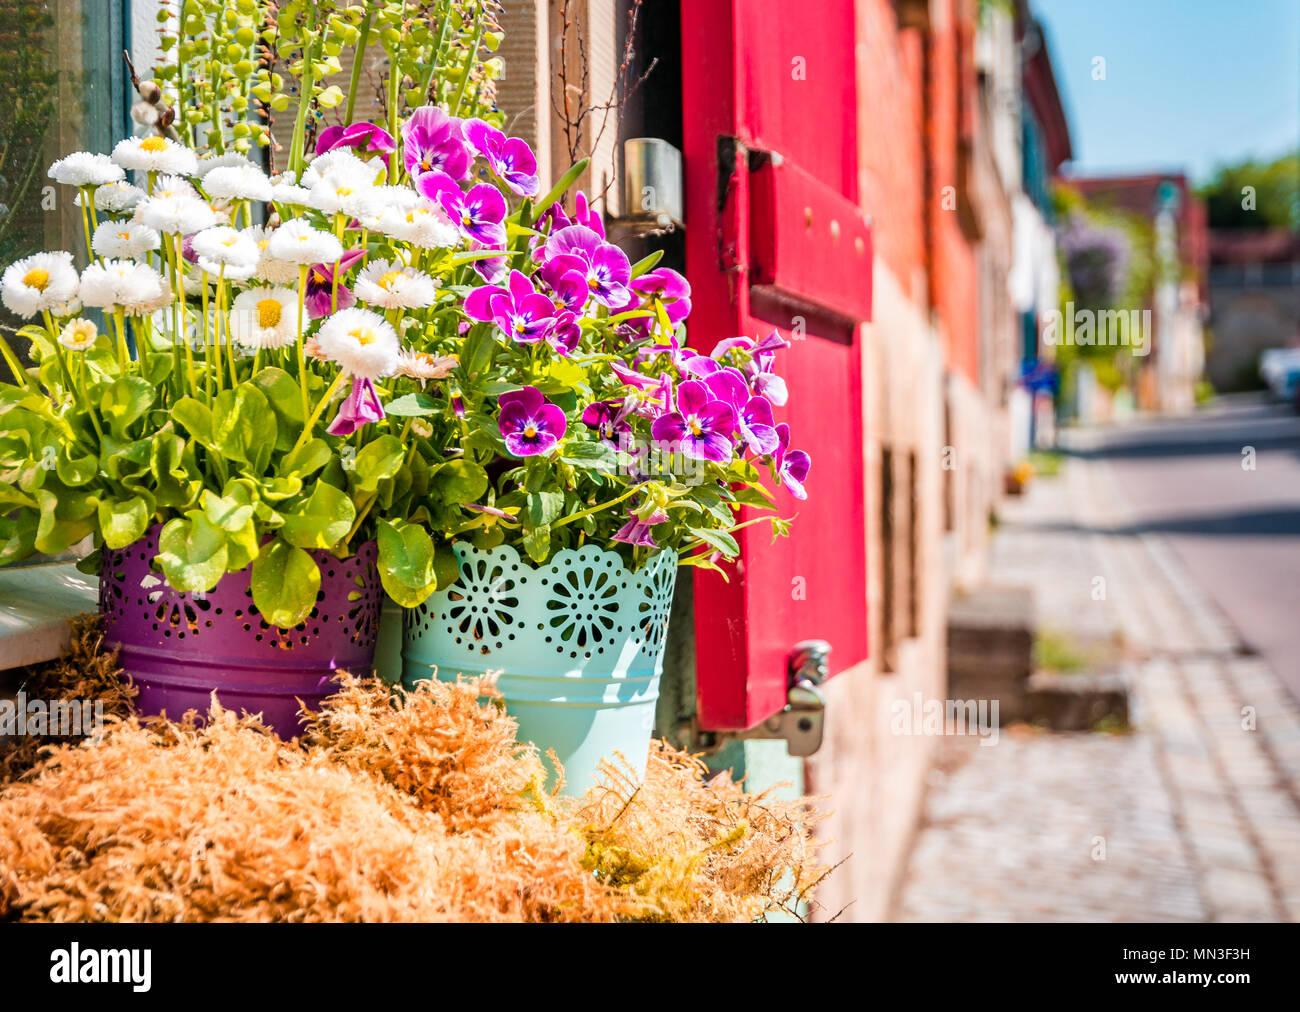 Schönen Sommer in der Altstadt von Rothenburg o.d. Tauber, Bayern, Deutschland Stockbild